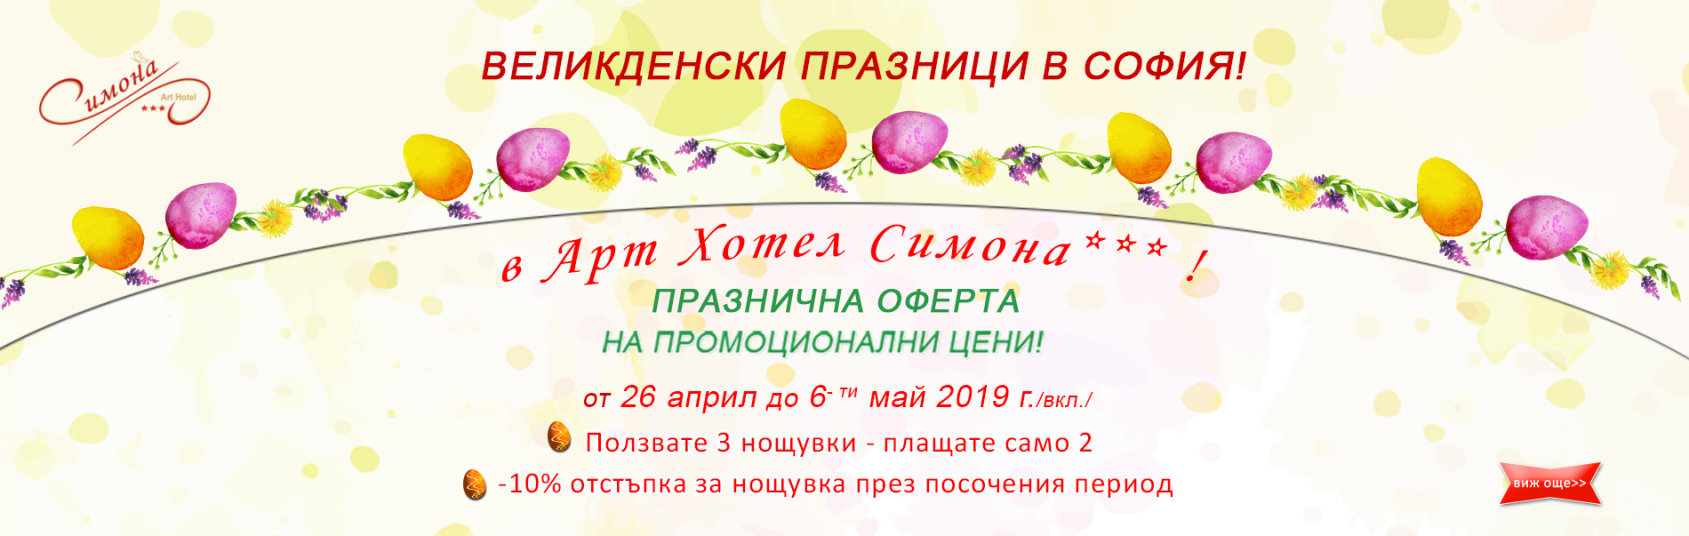 Празнична великденска оферта на Арт Хотел Симона, София***